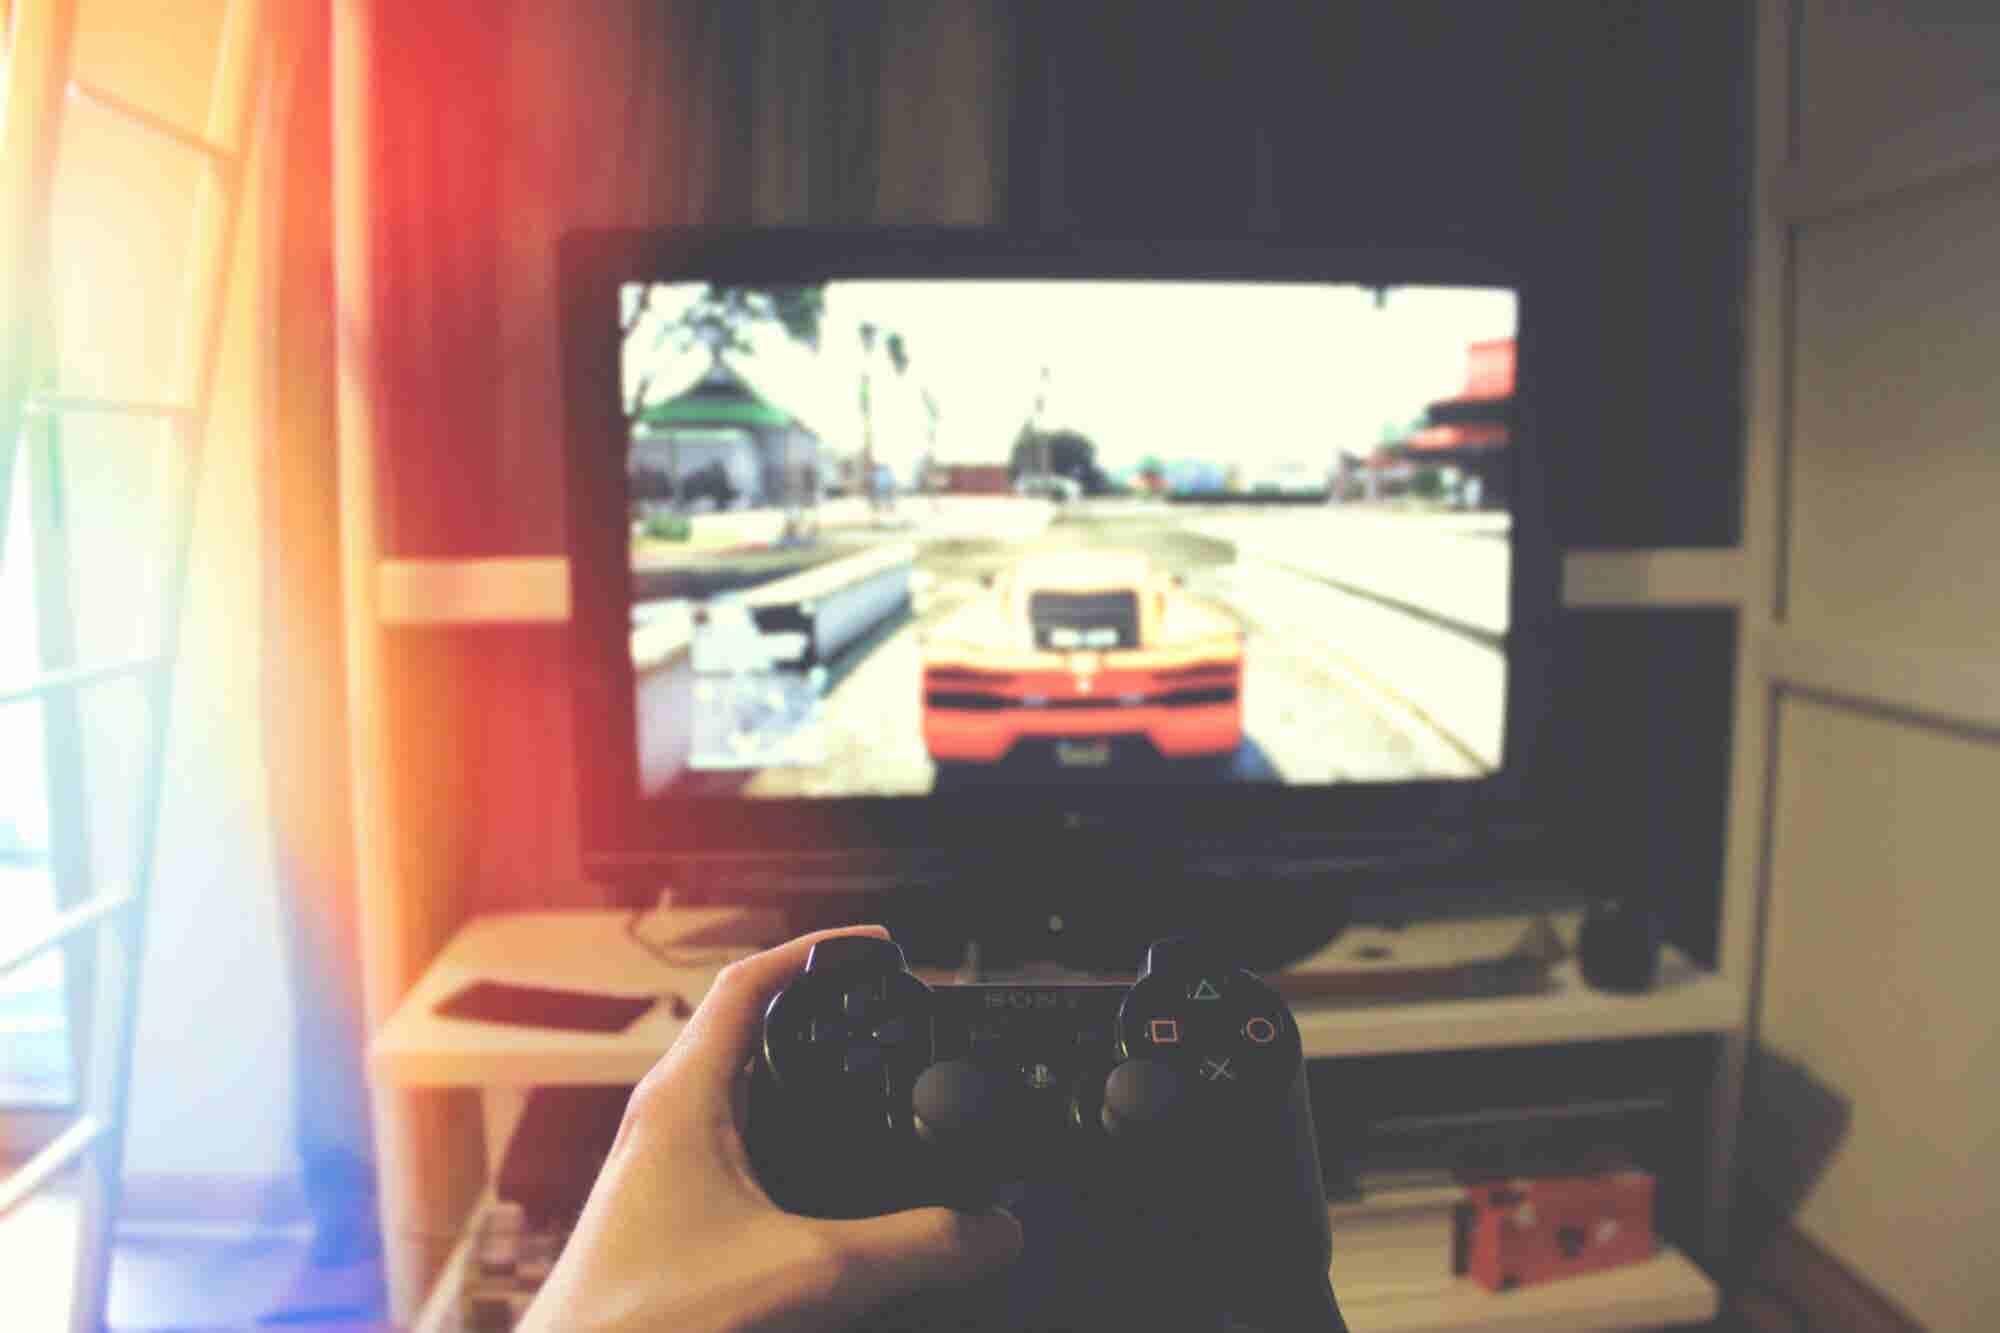 Aprovecha la fiebre por los videojuegos y abre un negocio exitoso